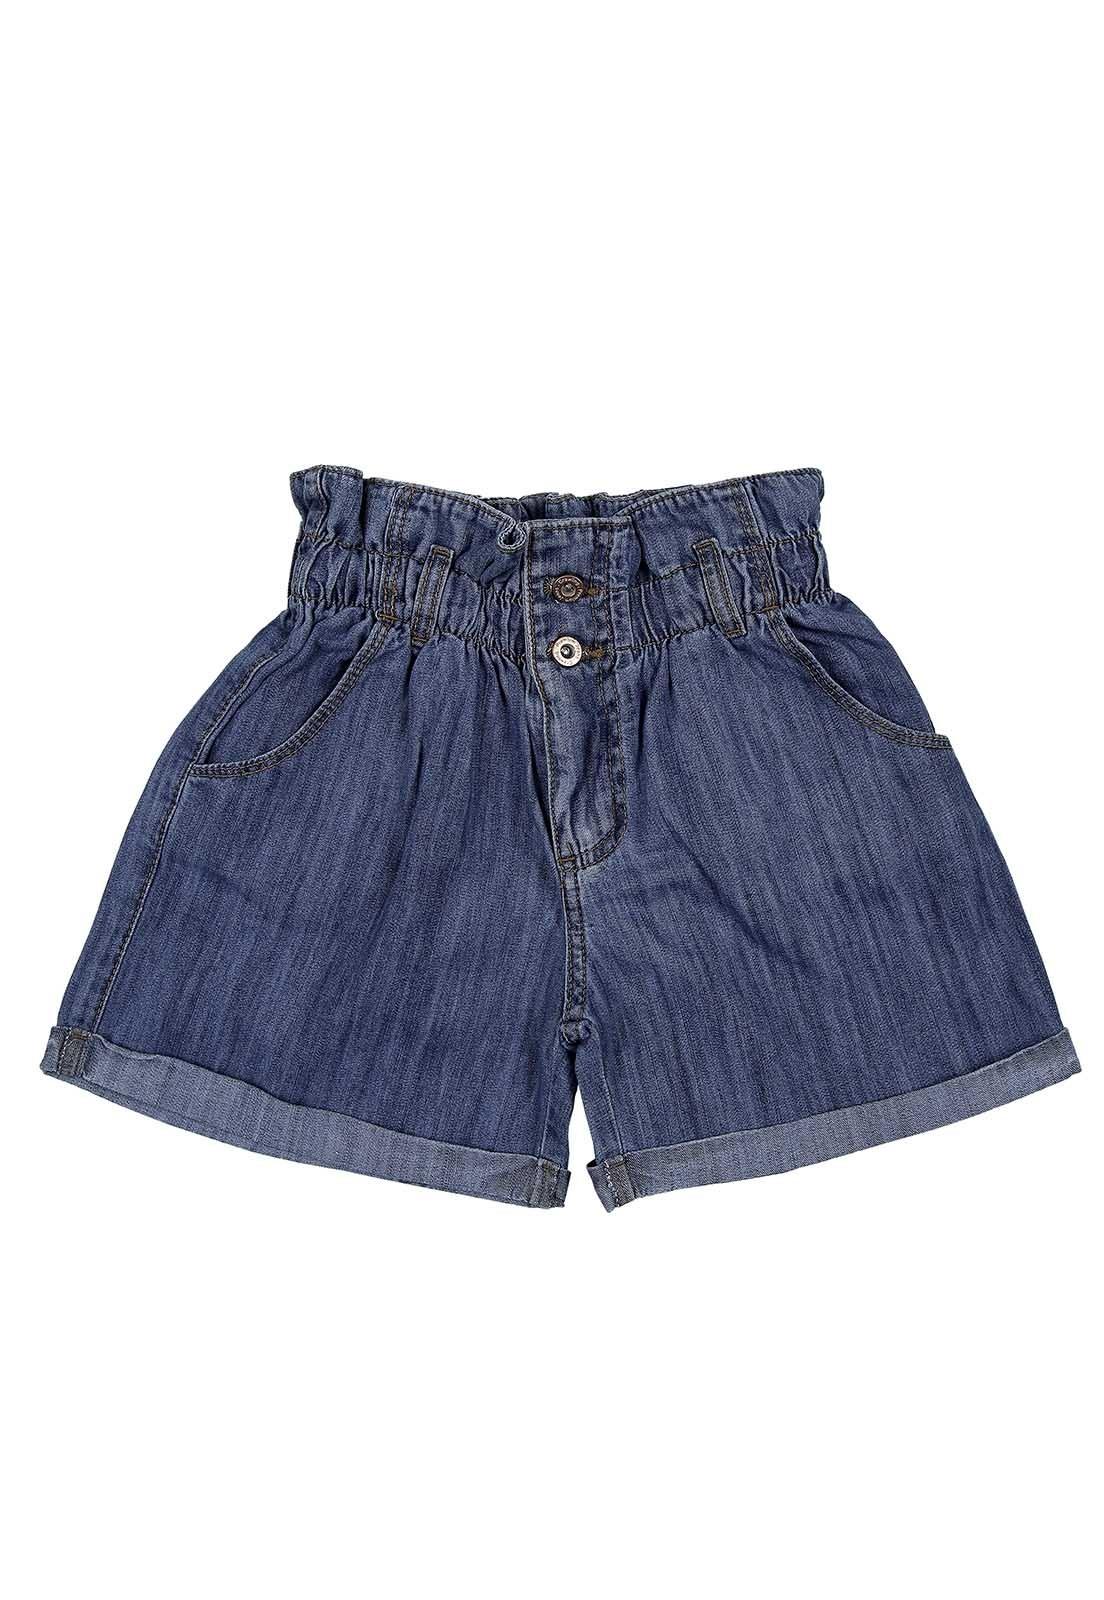 Short Jeans Feminino Clochard